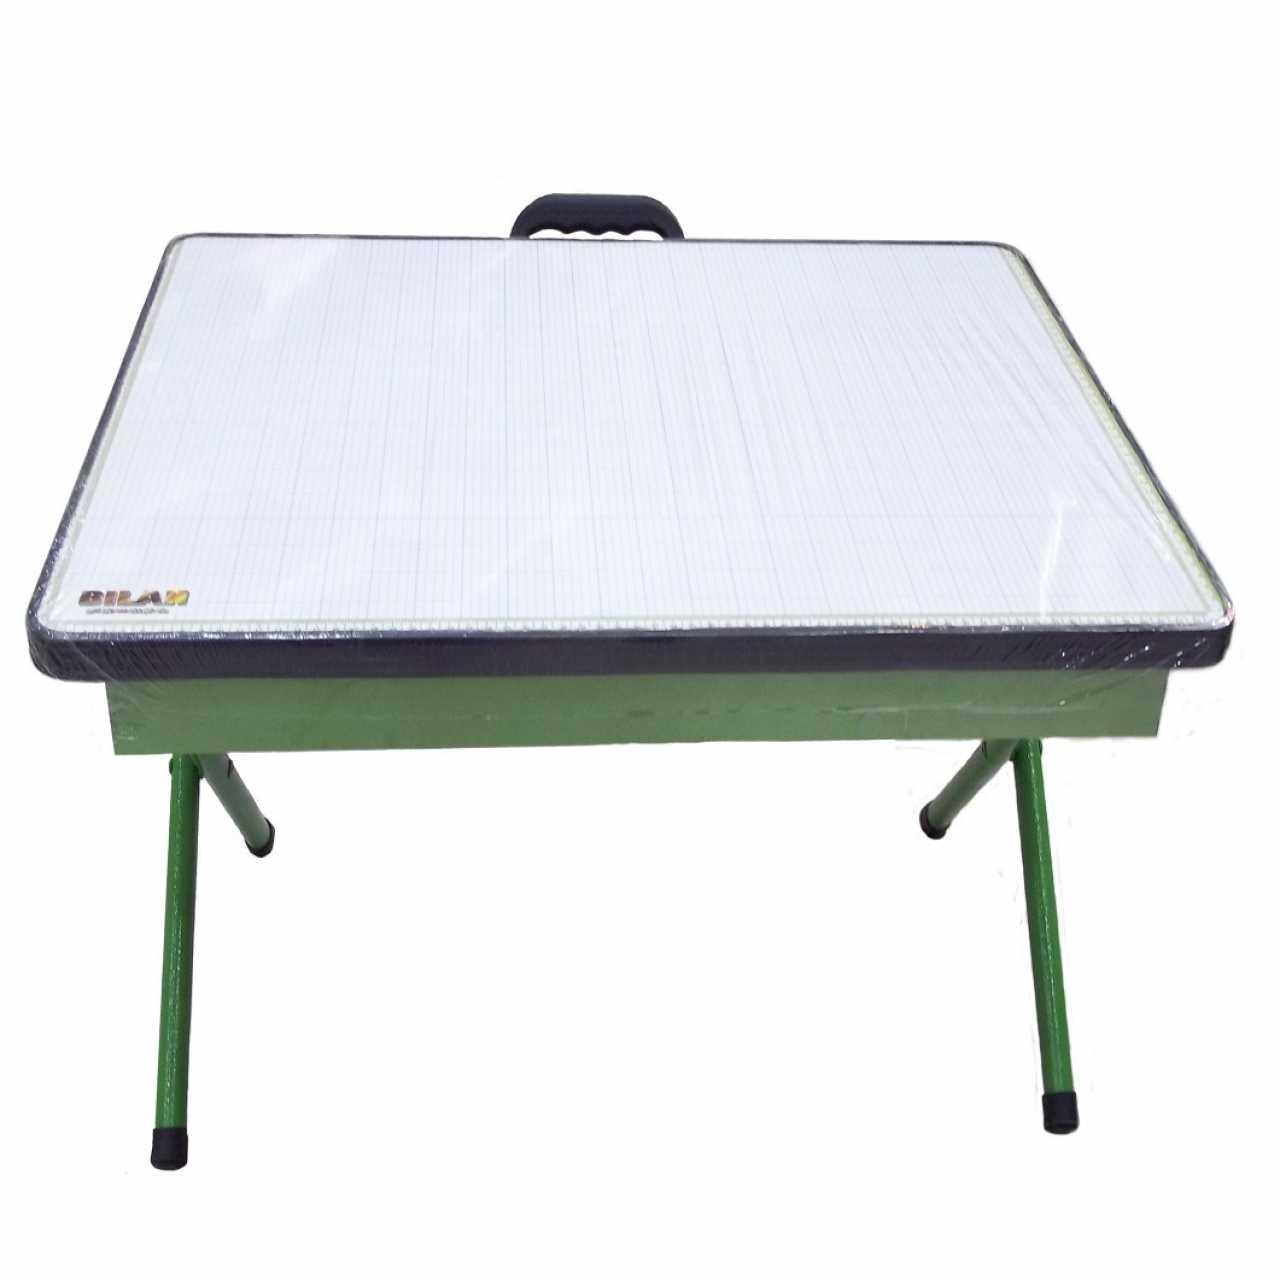 میز تحریر بیلن مدل P4- طرح ساده